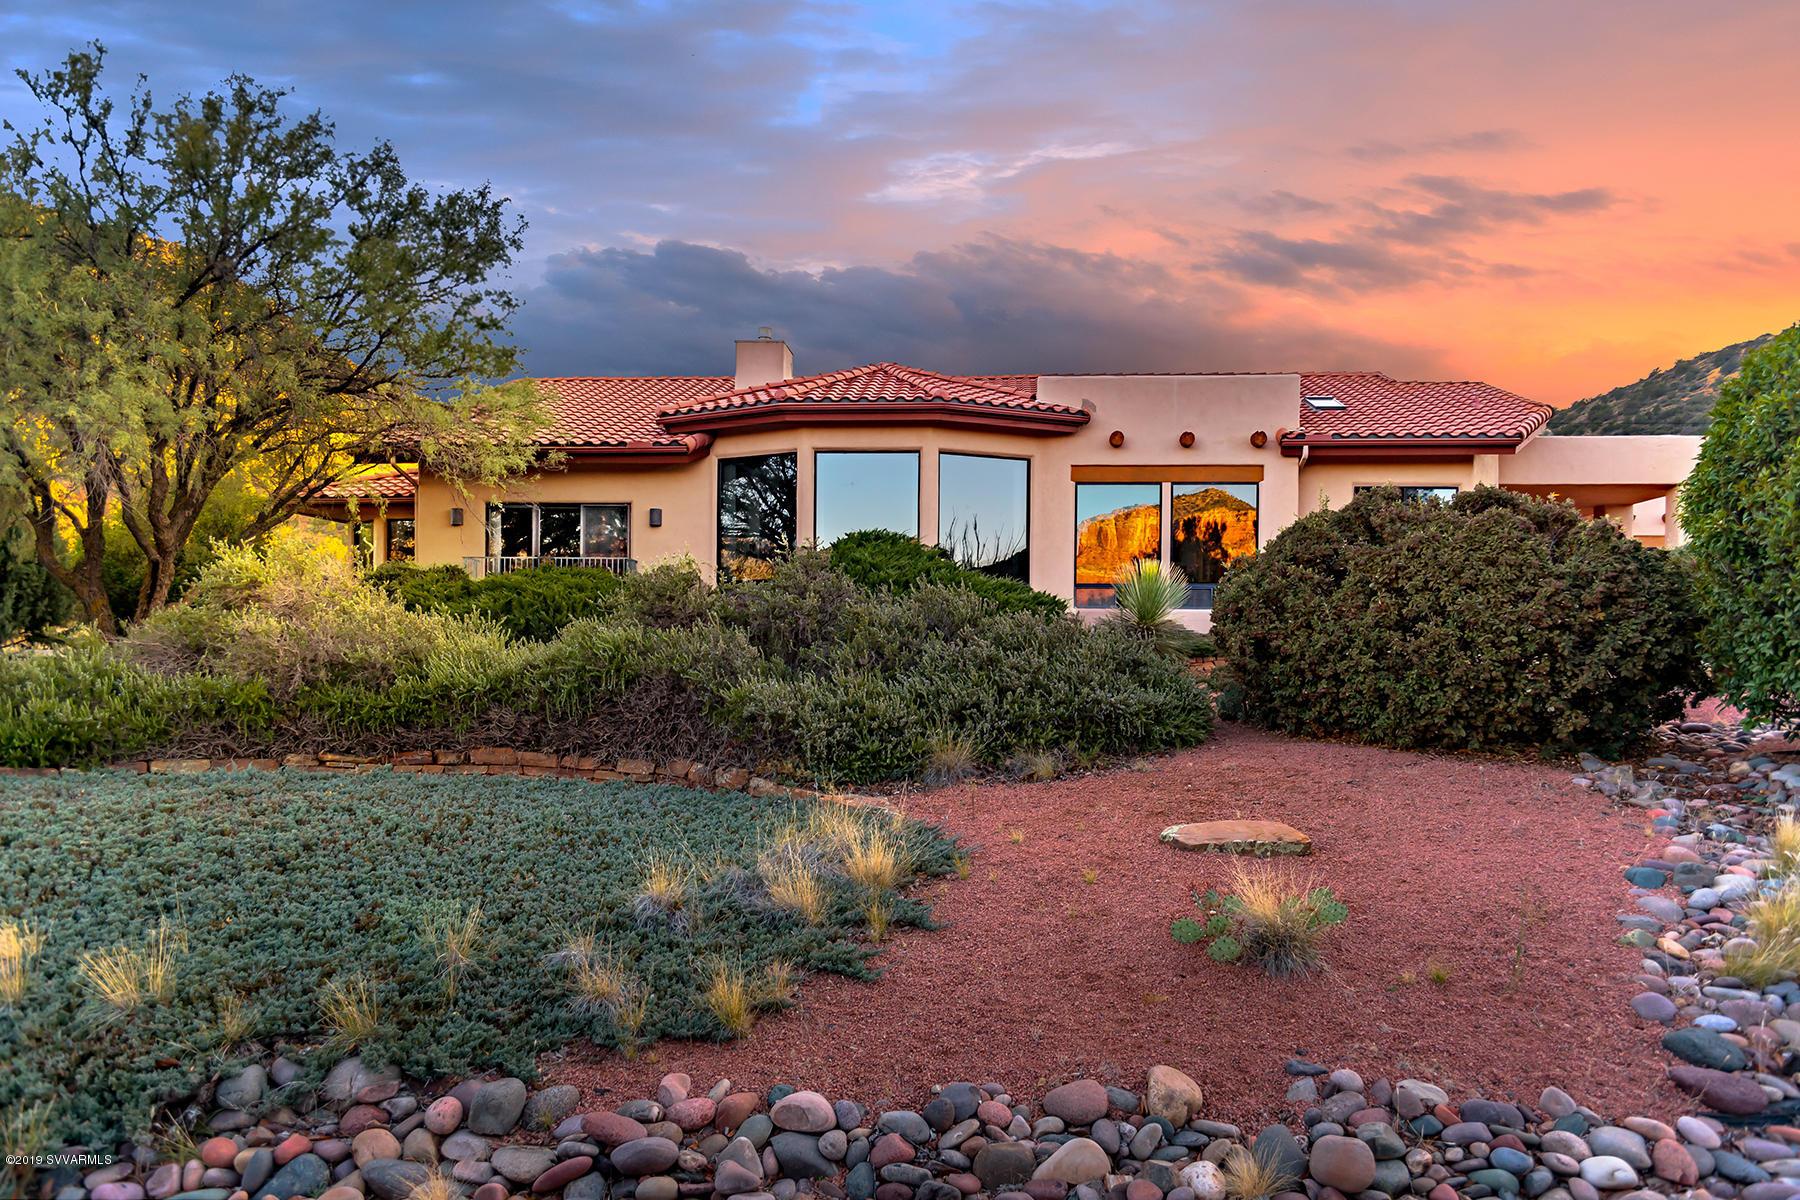 888 E Saddlehorn Rd Sedona, AZ 86351